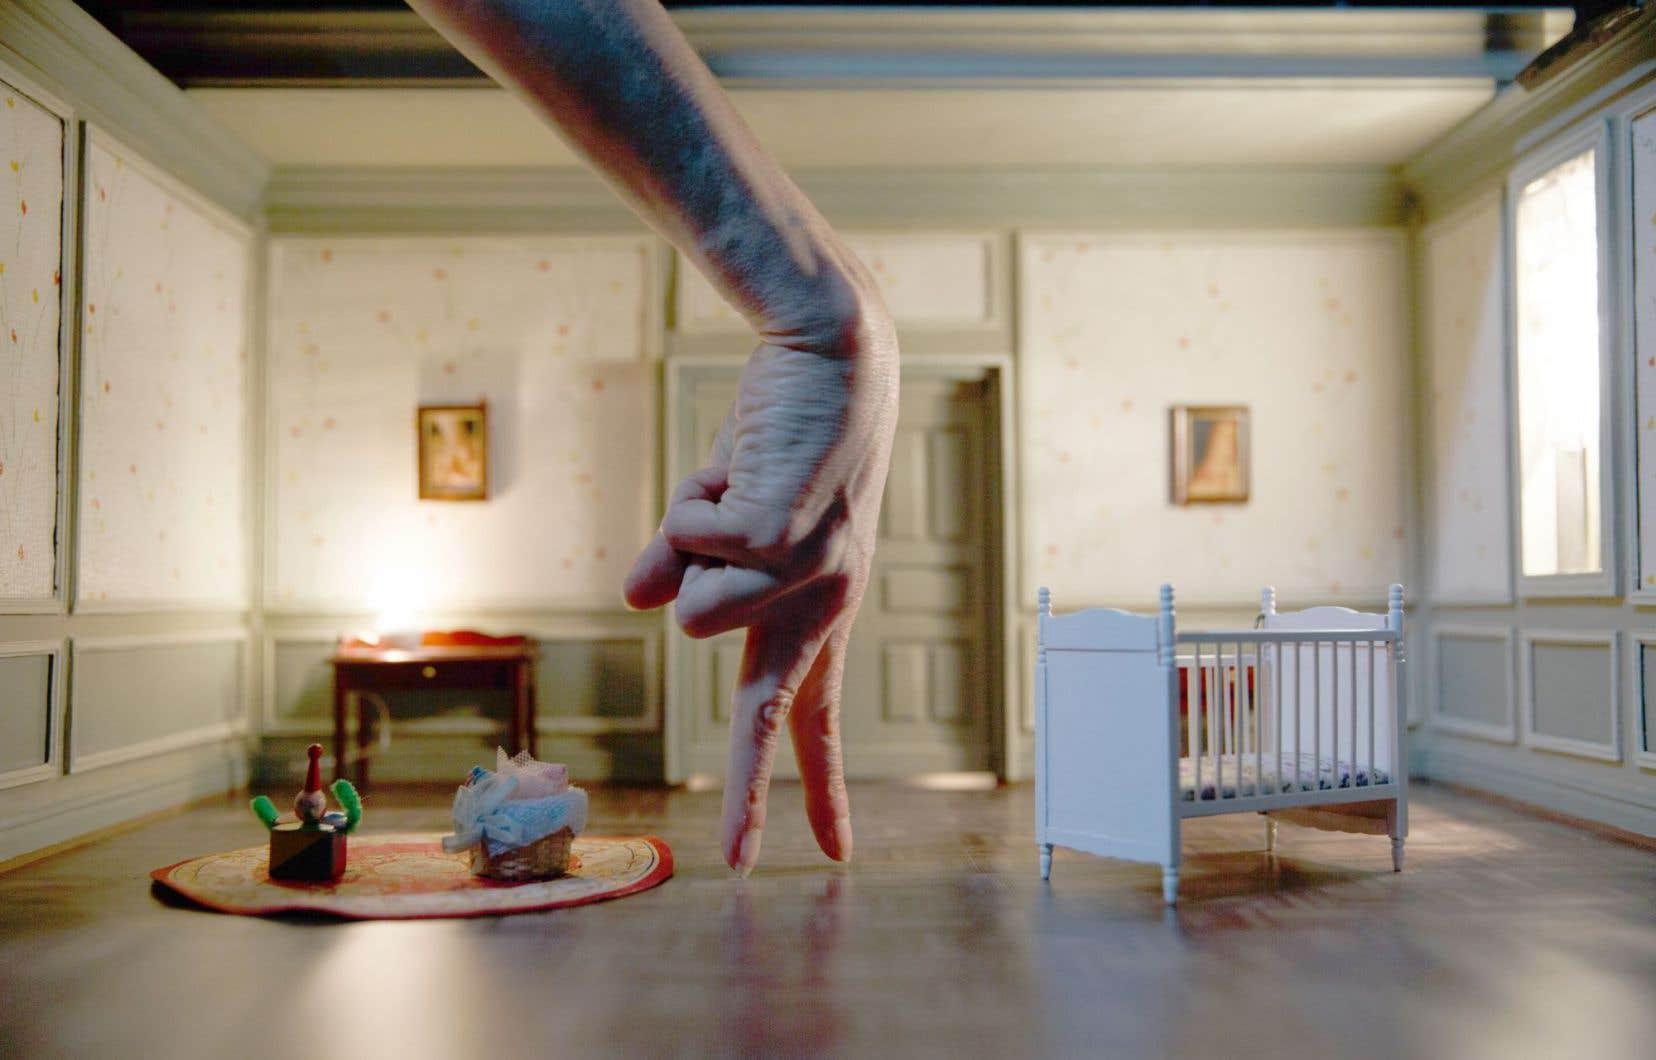 Un spectacle hybride entre la nanodanse, le cinéma et le théâtre d'objets